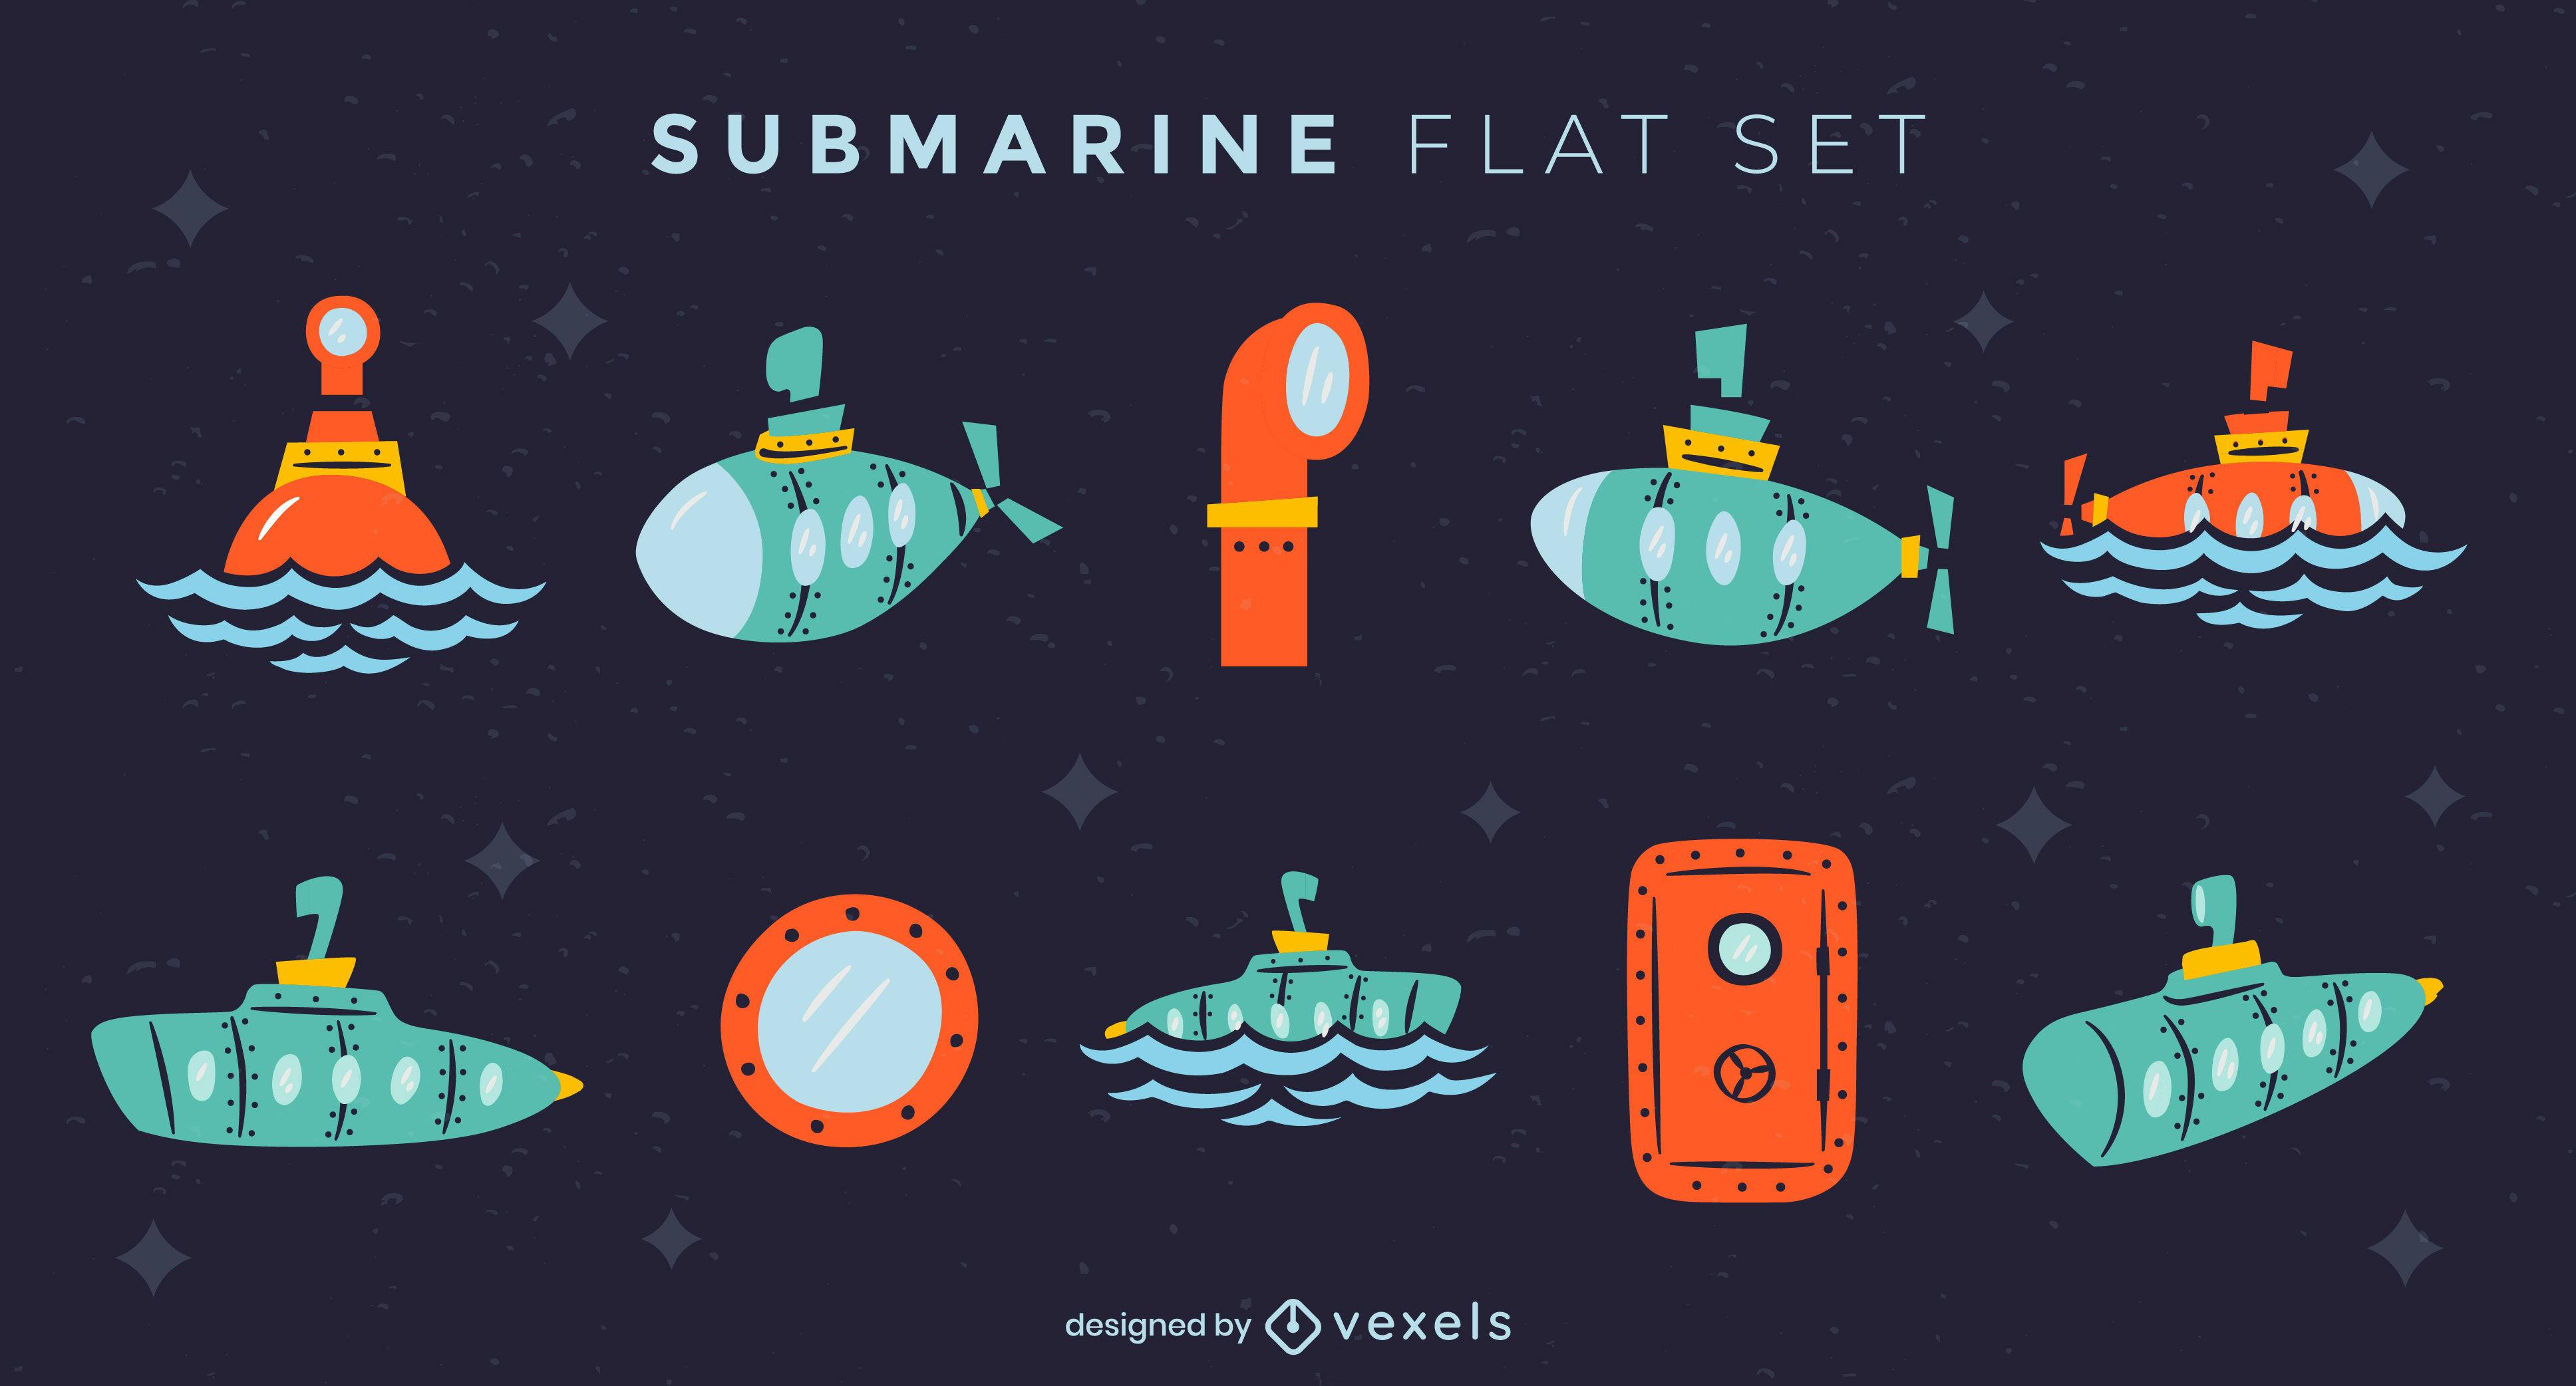 Submarine flat set of elements